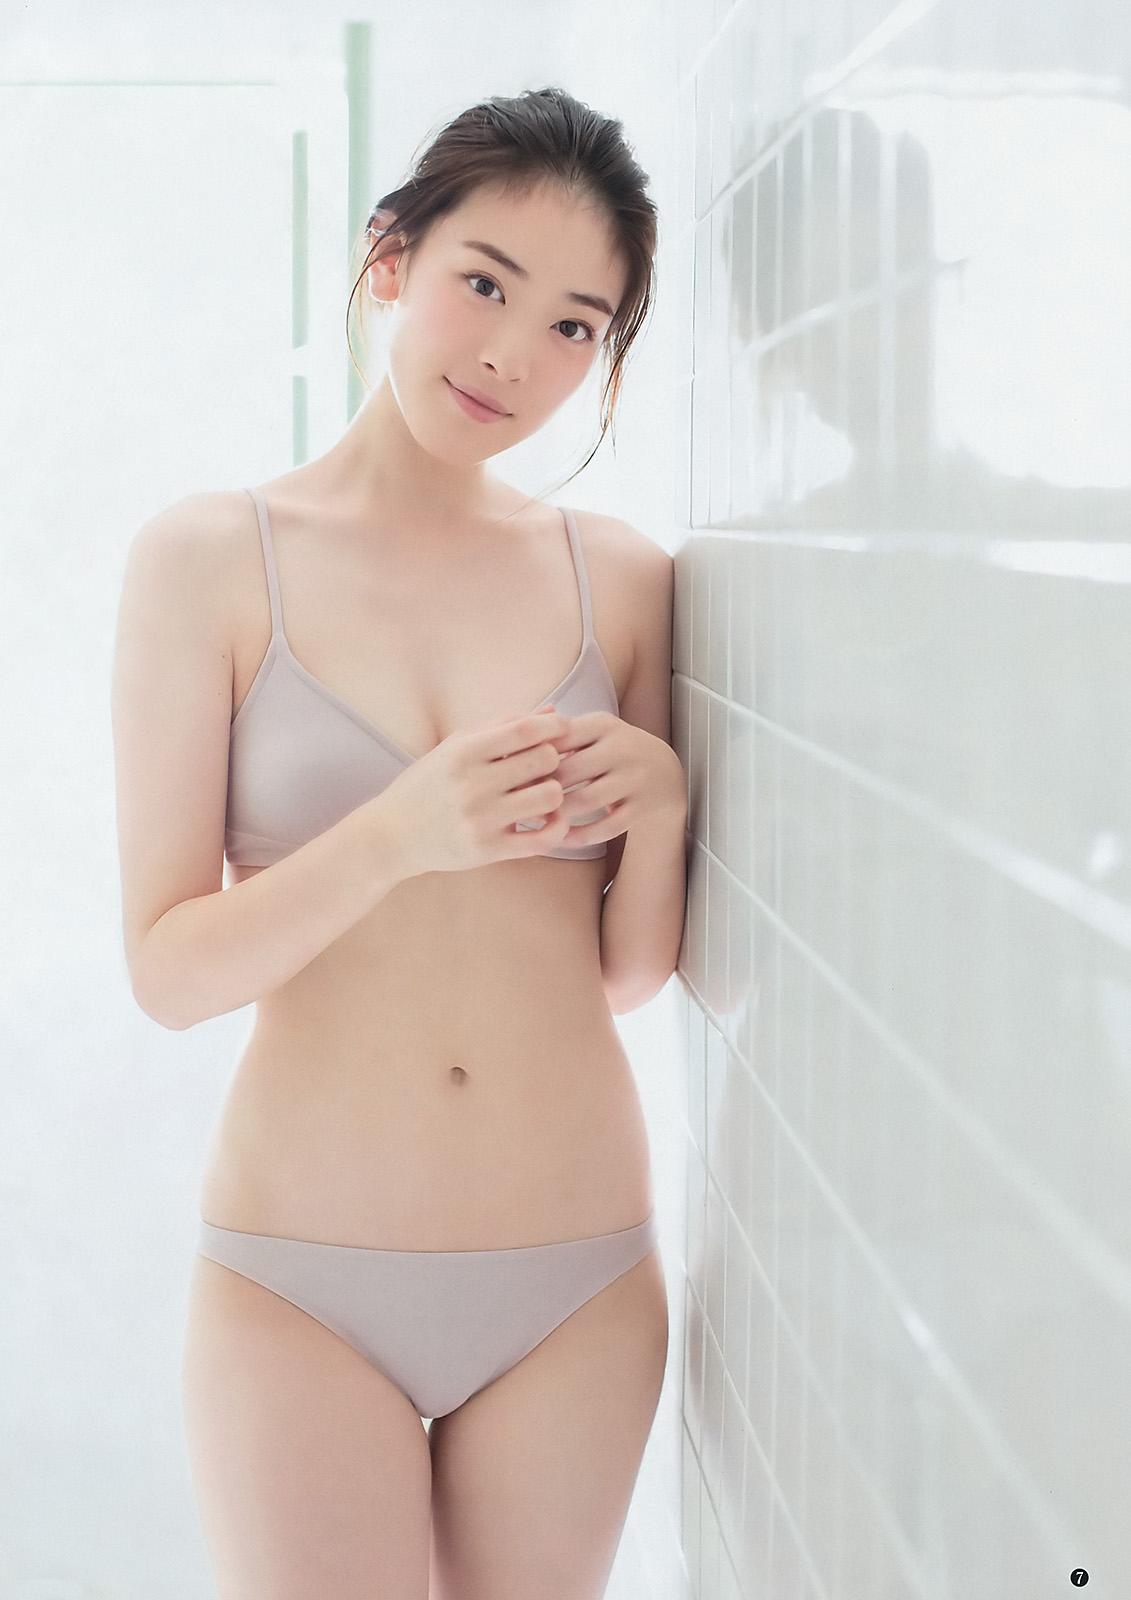 水上京香(22)朝ドラ女優の抜ける水着グラビアエロ画像46枚・34枚目の画像